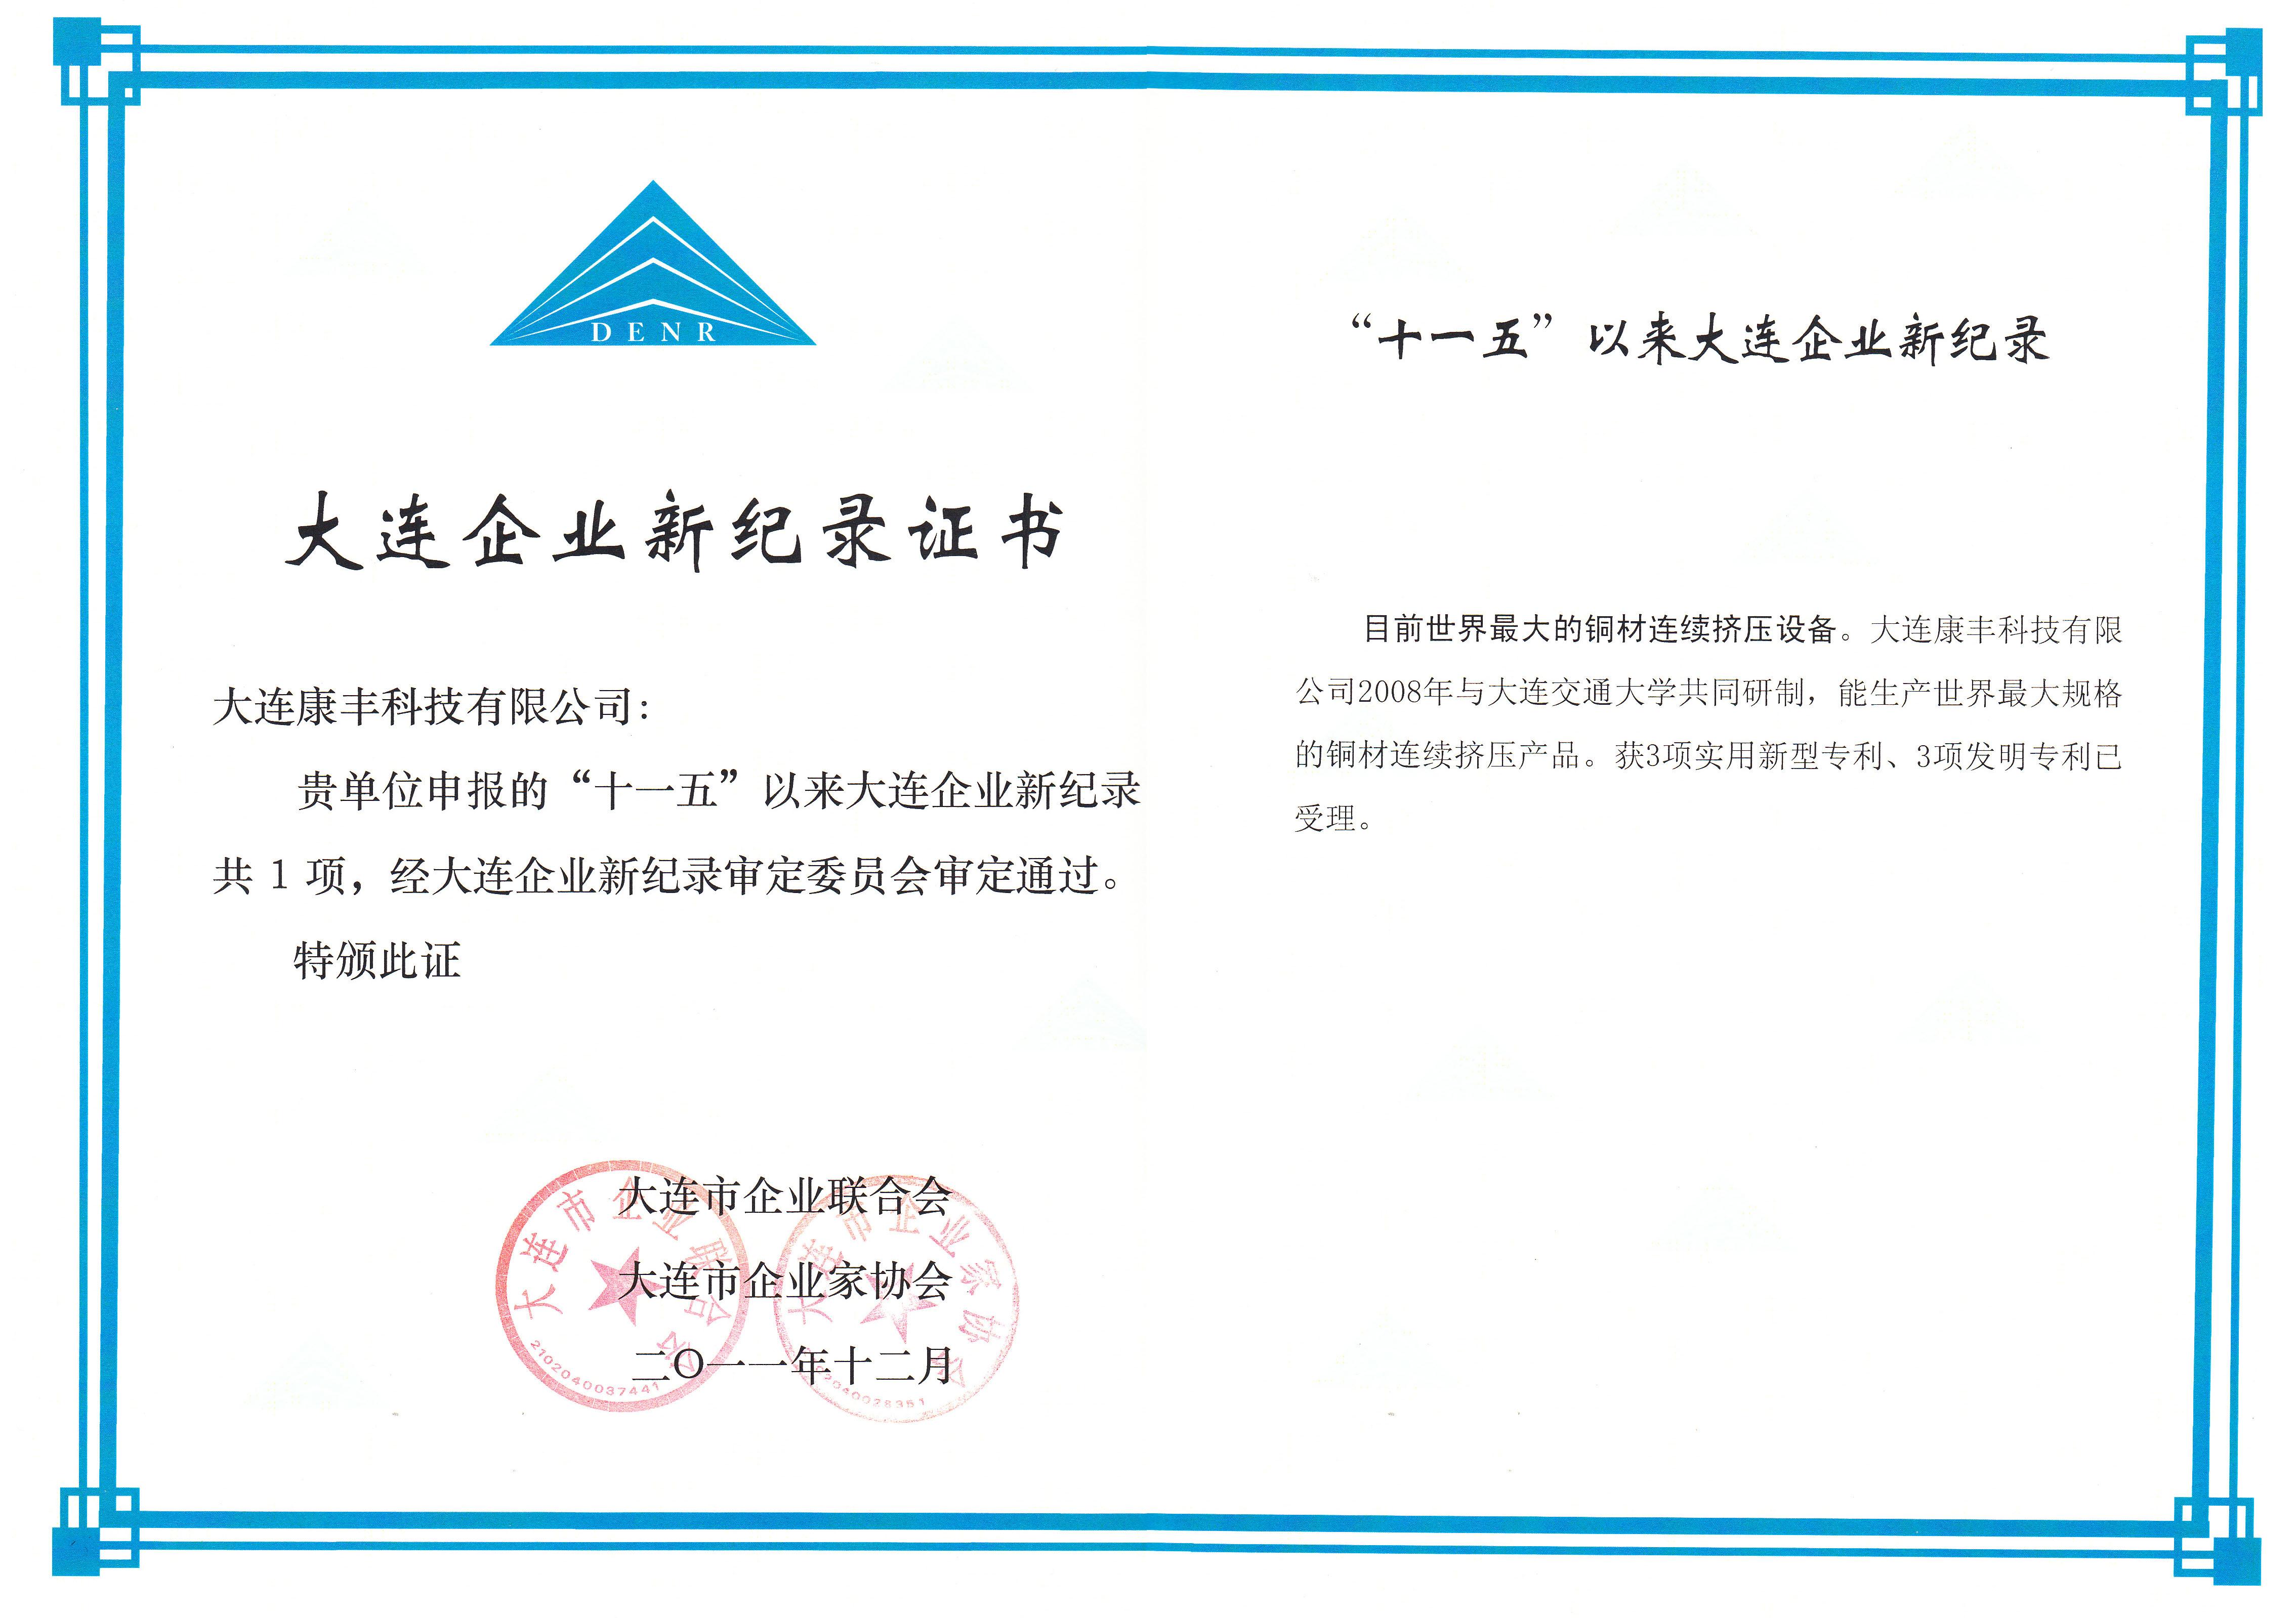 33-大連市企業新記錄證書-世界最大的銅材擠壓設備